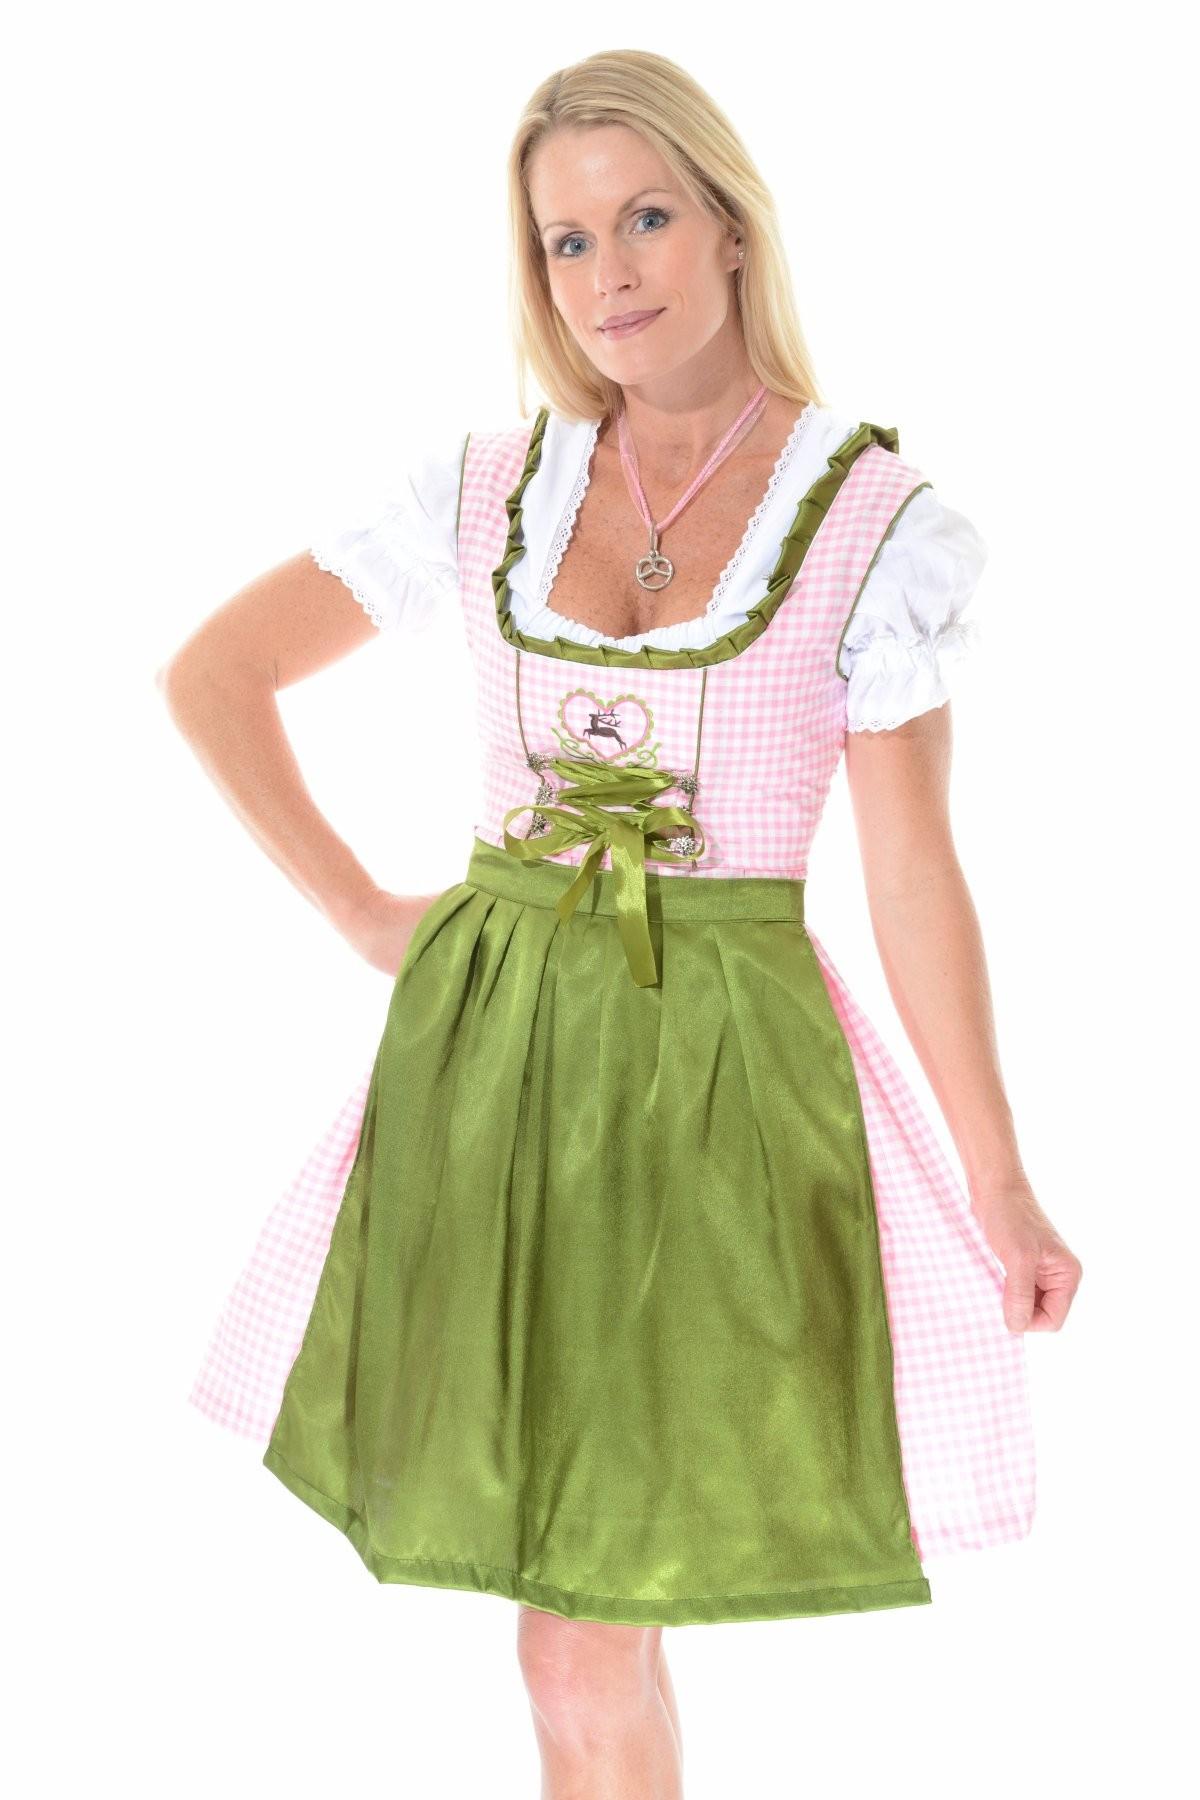 german dirndl dresses for girls hot girls wallpaper. Black Bedroom Furniture Sets. Home Design Ideas